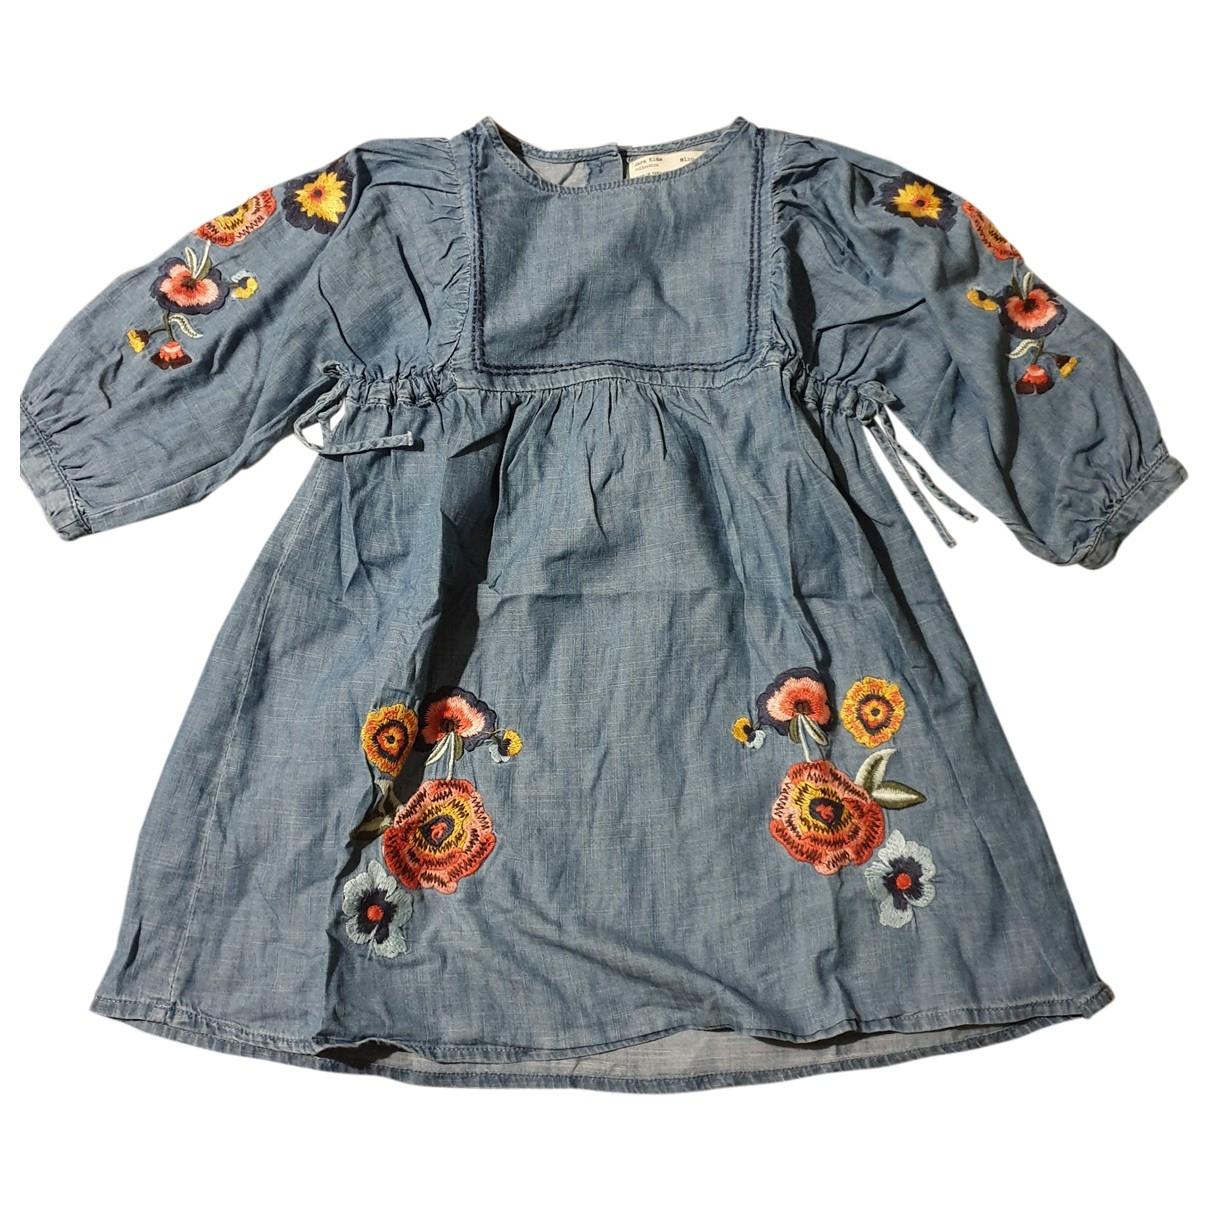 Zara \N Kleid in  Blau Denim - Jeans